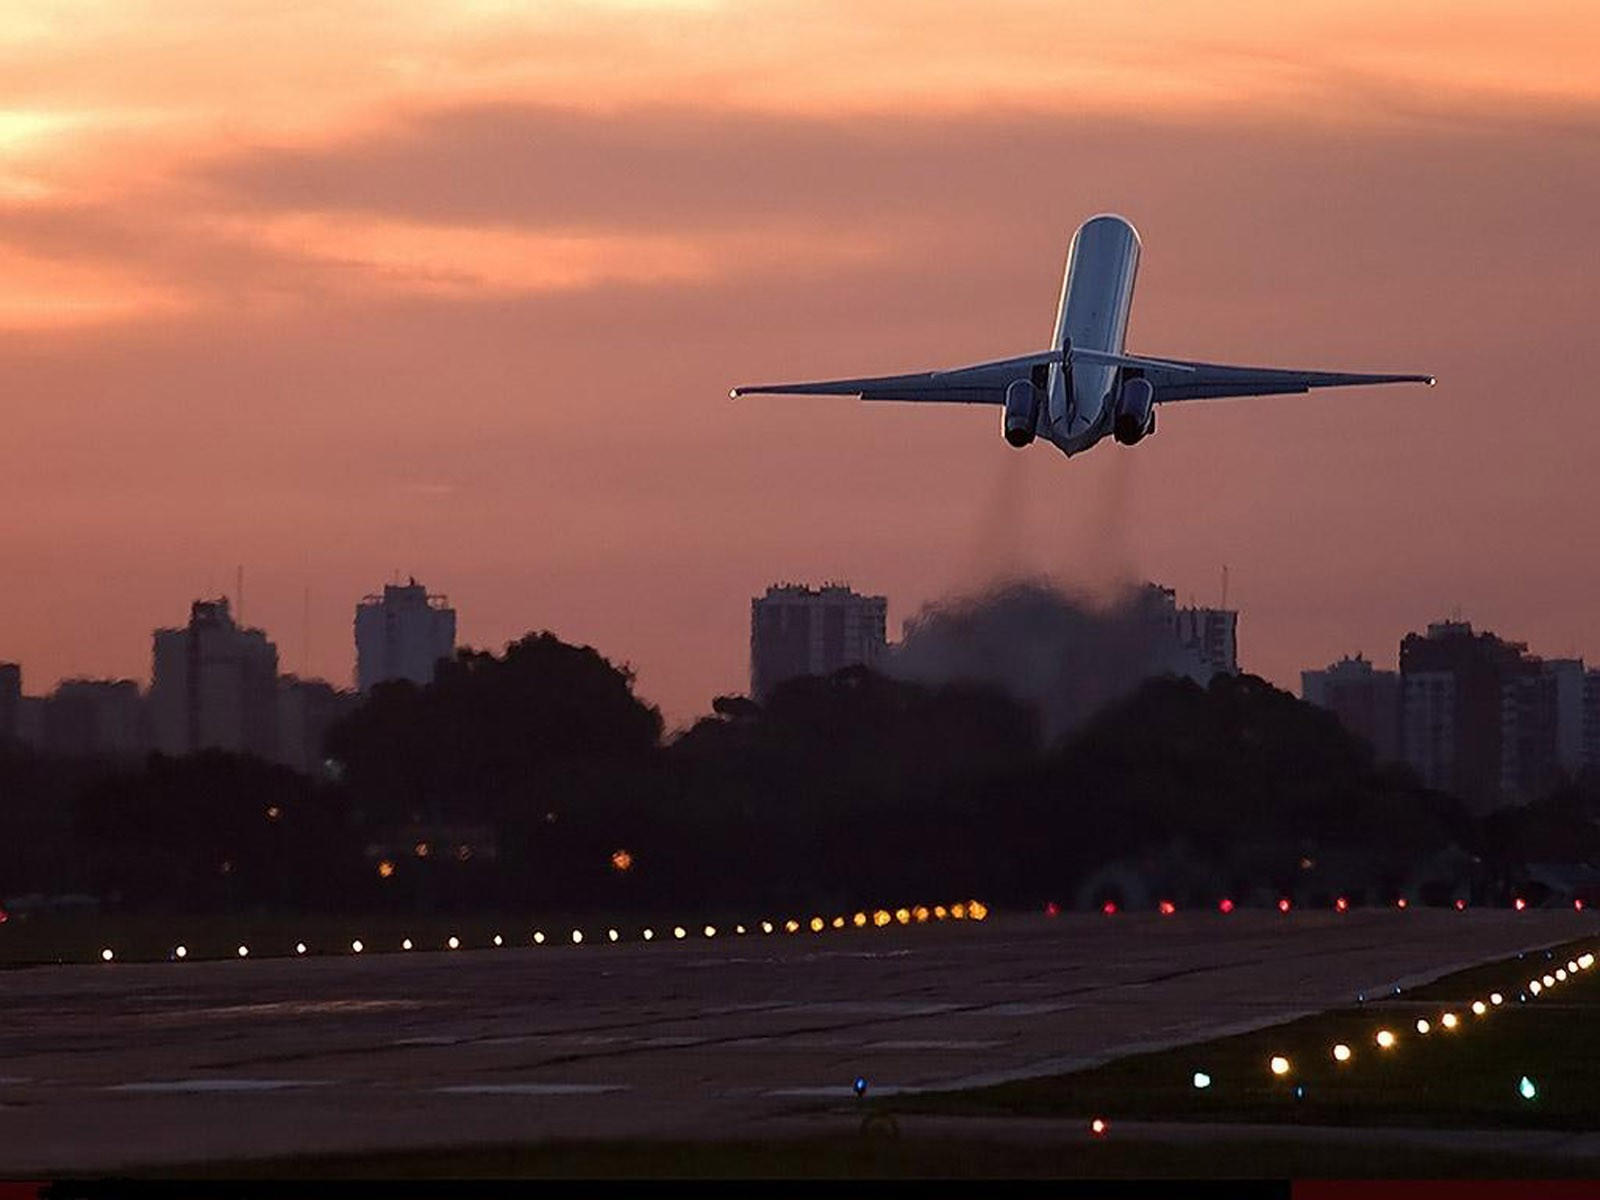 http://deswal.ru/aviation/1600-1200/00000428.jpg